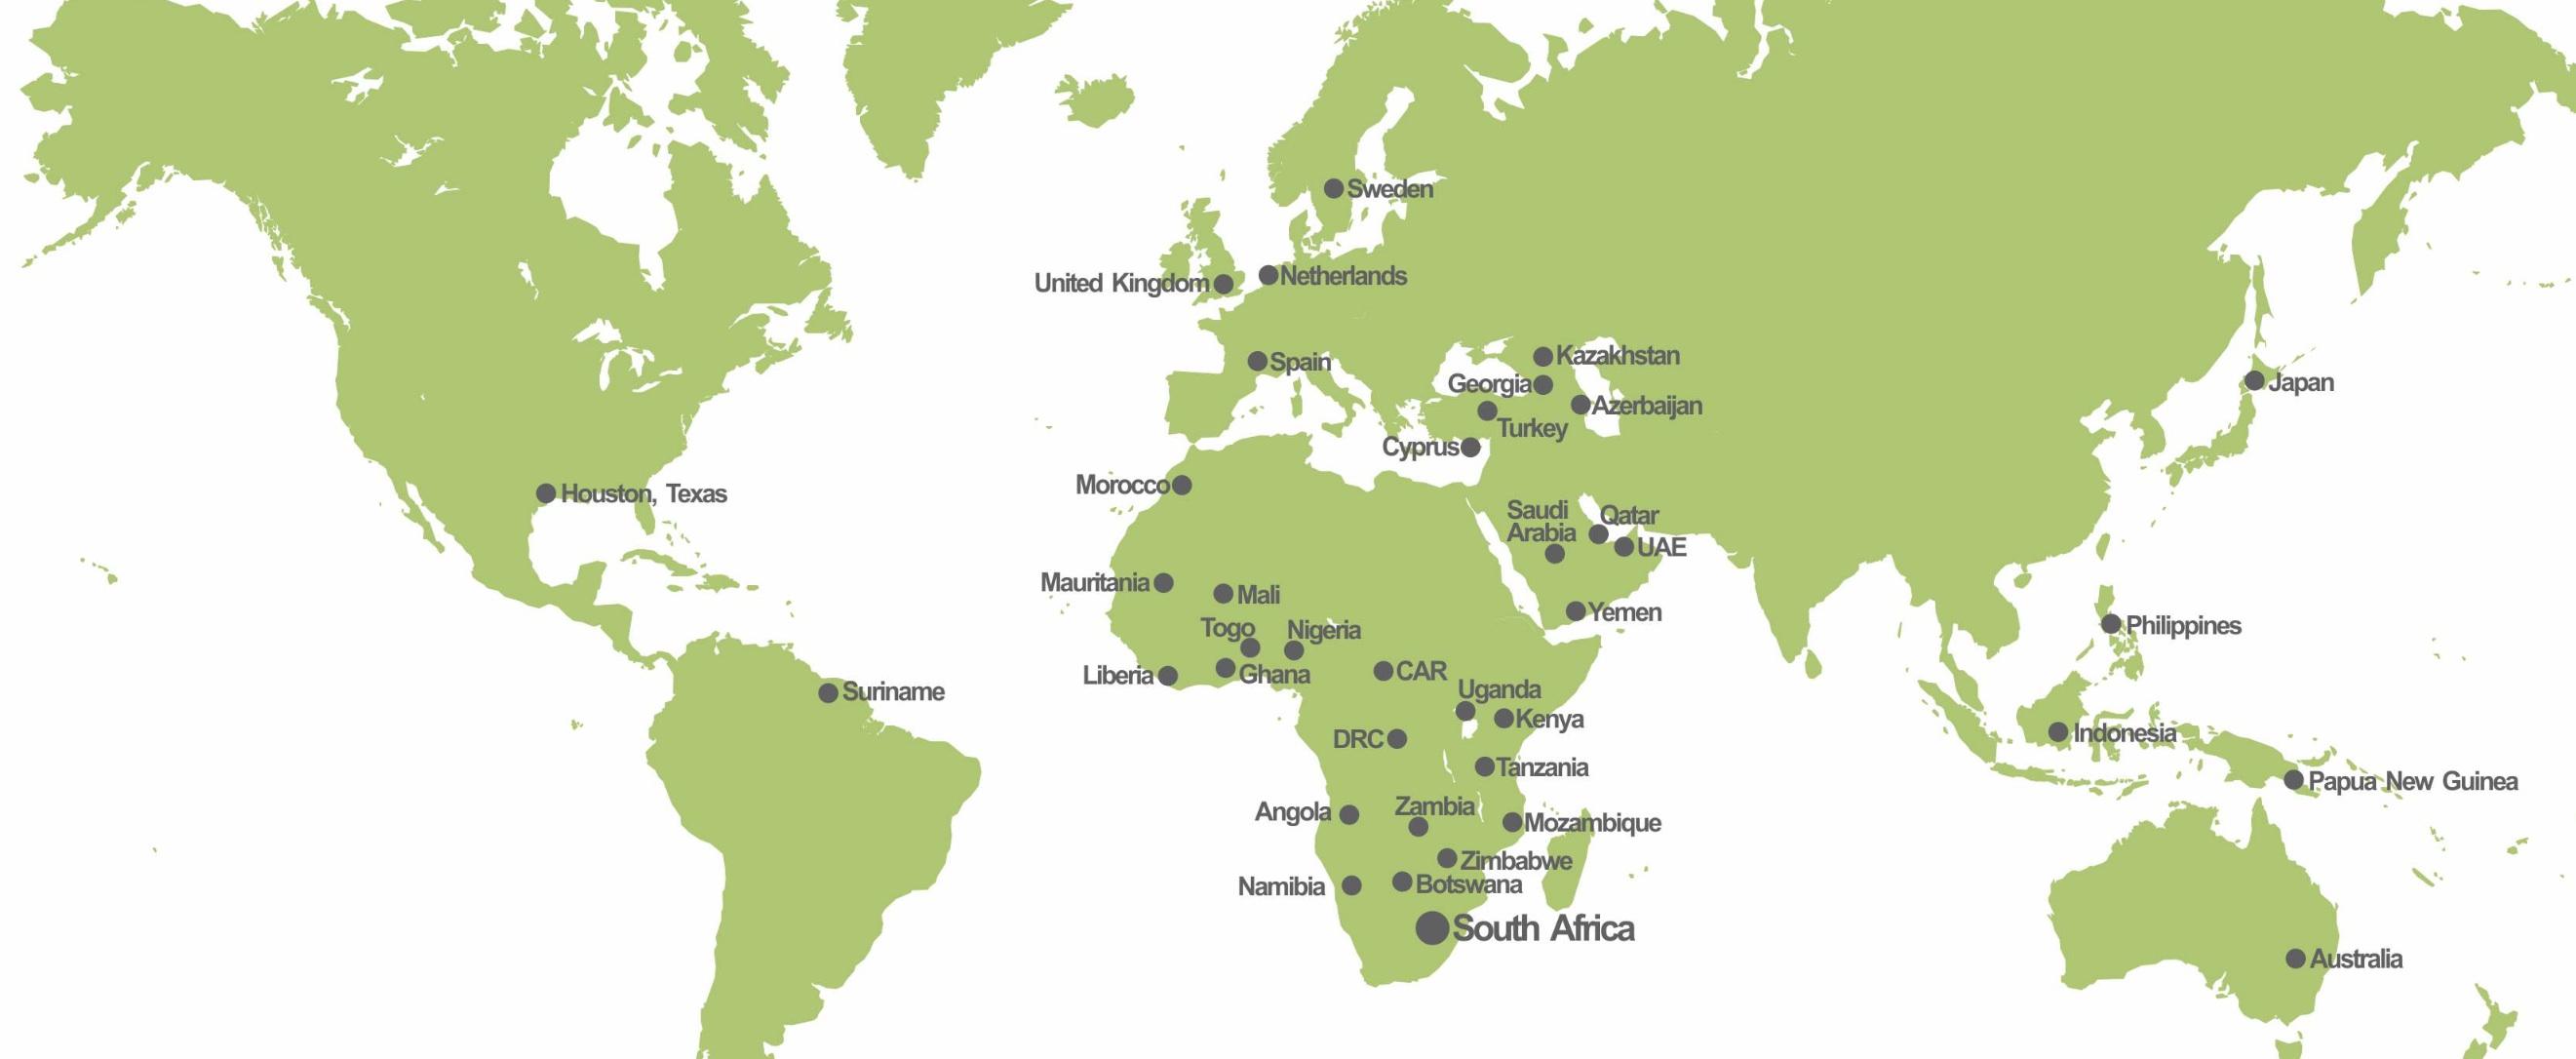 CONTINUUM map